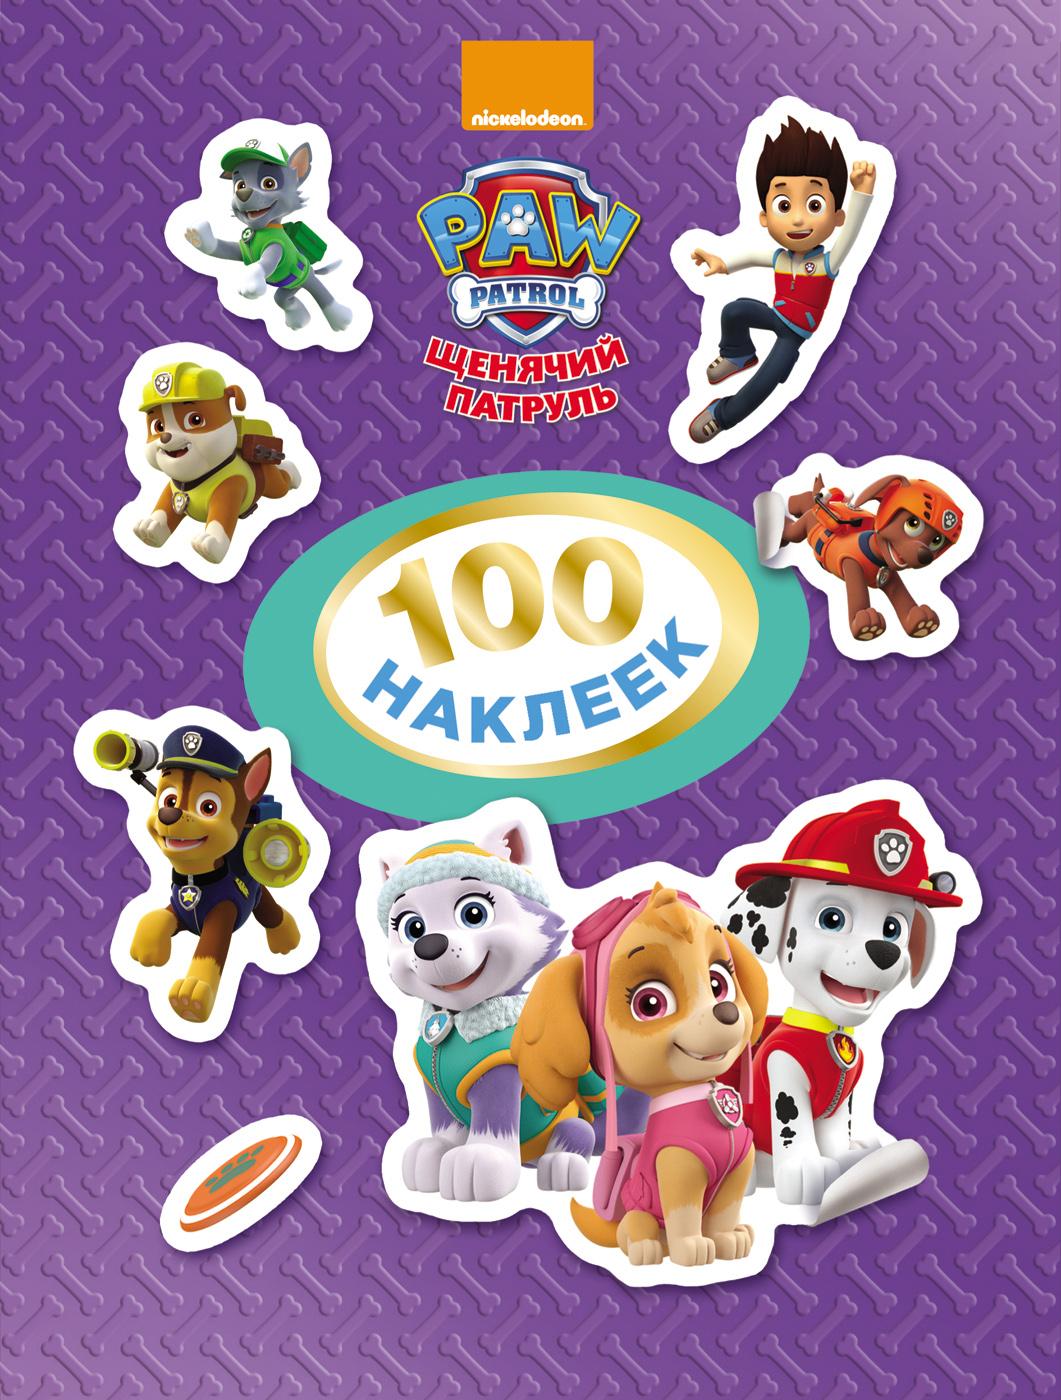 Paw Patrol Spin Master Коллекция наклеек Spin Master «Щенячий патруль. 100 наклеек» фиолетовая щенячий патруль 100 наклеек